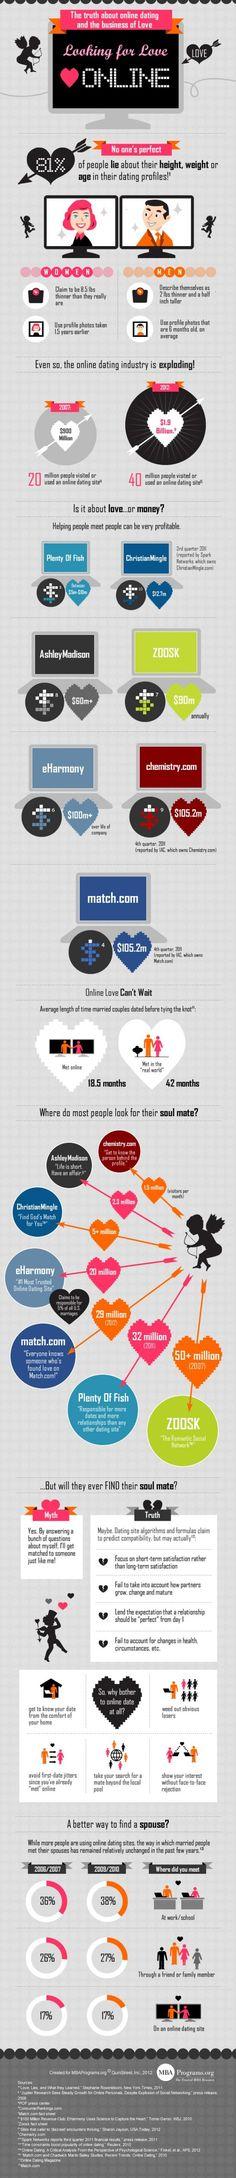 des sites de rencontre rencontre amoureuse en ligne